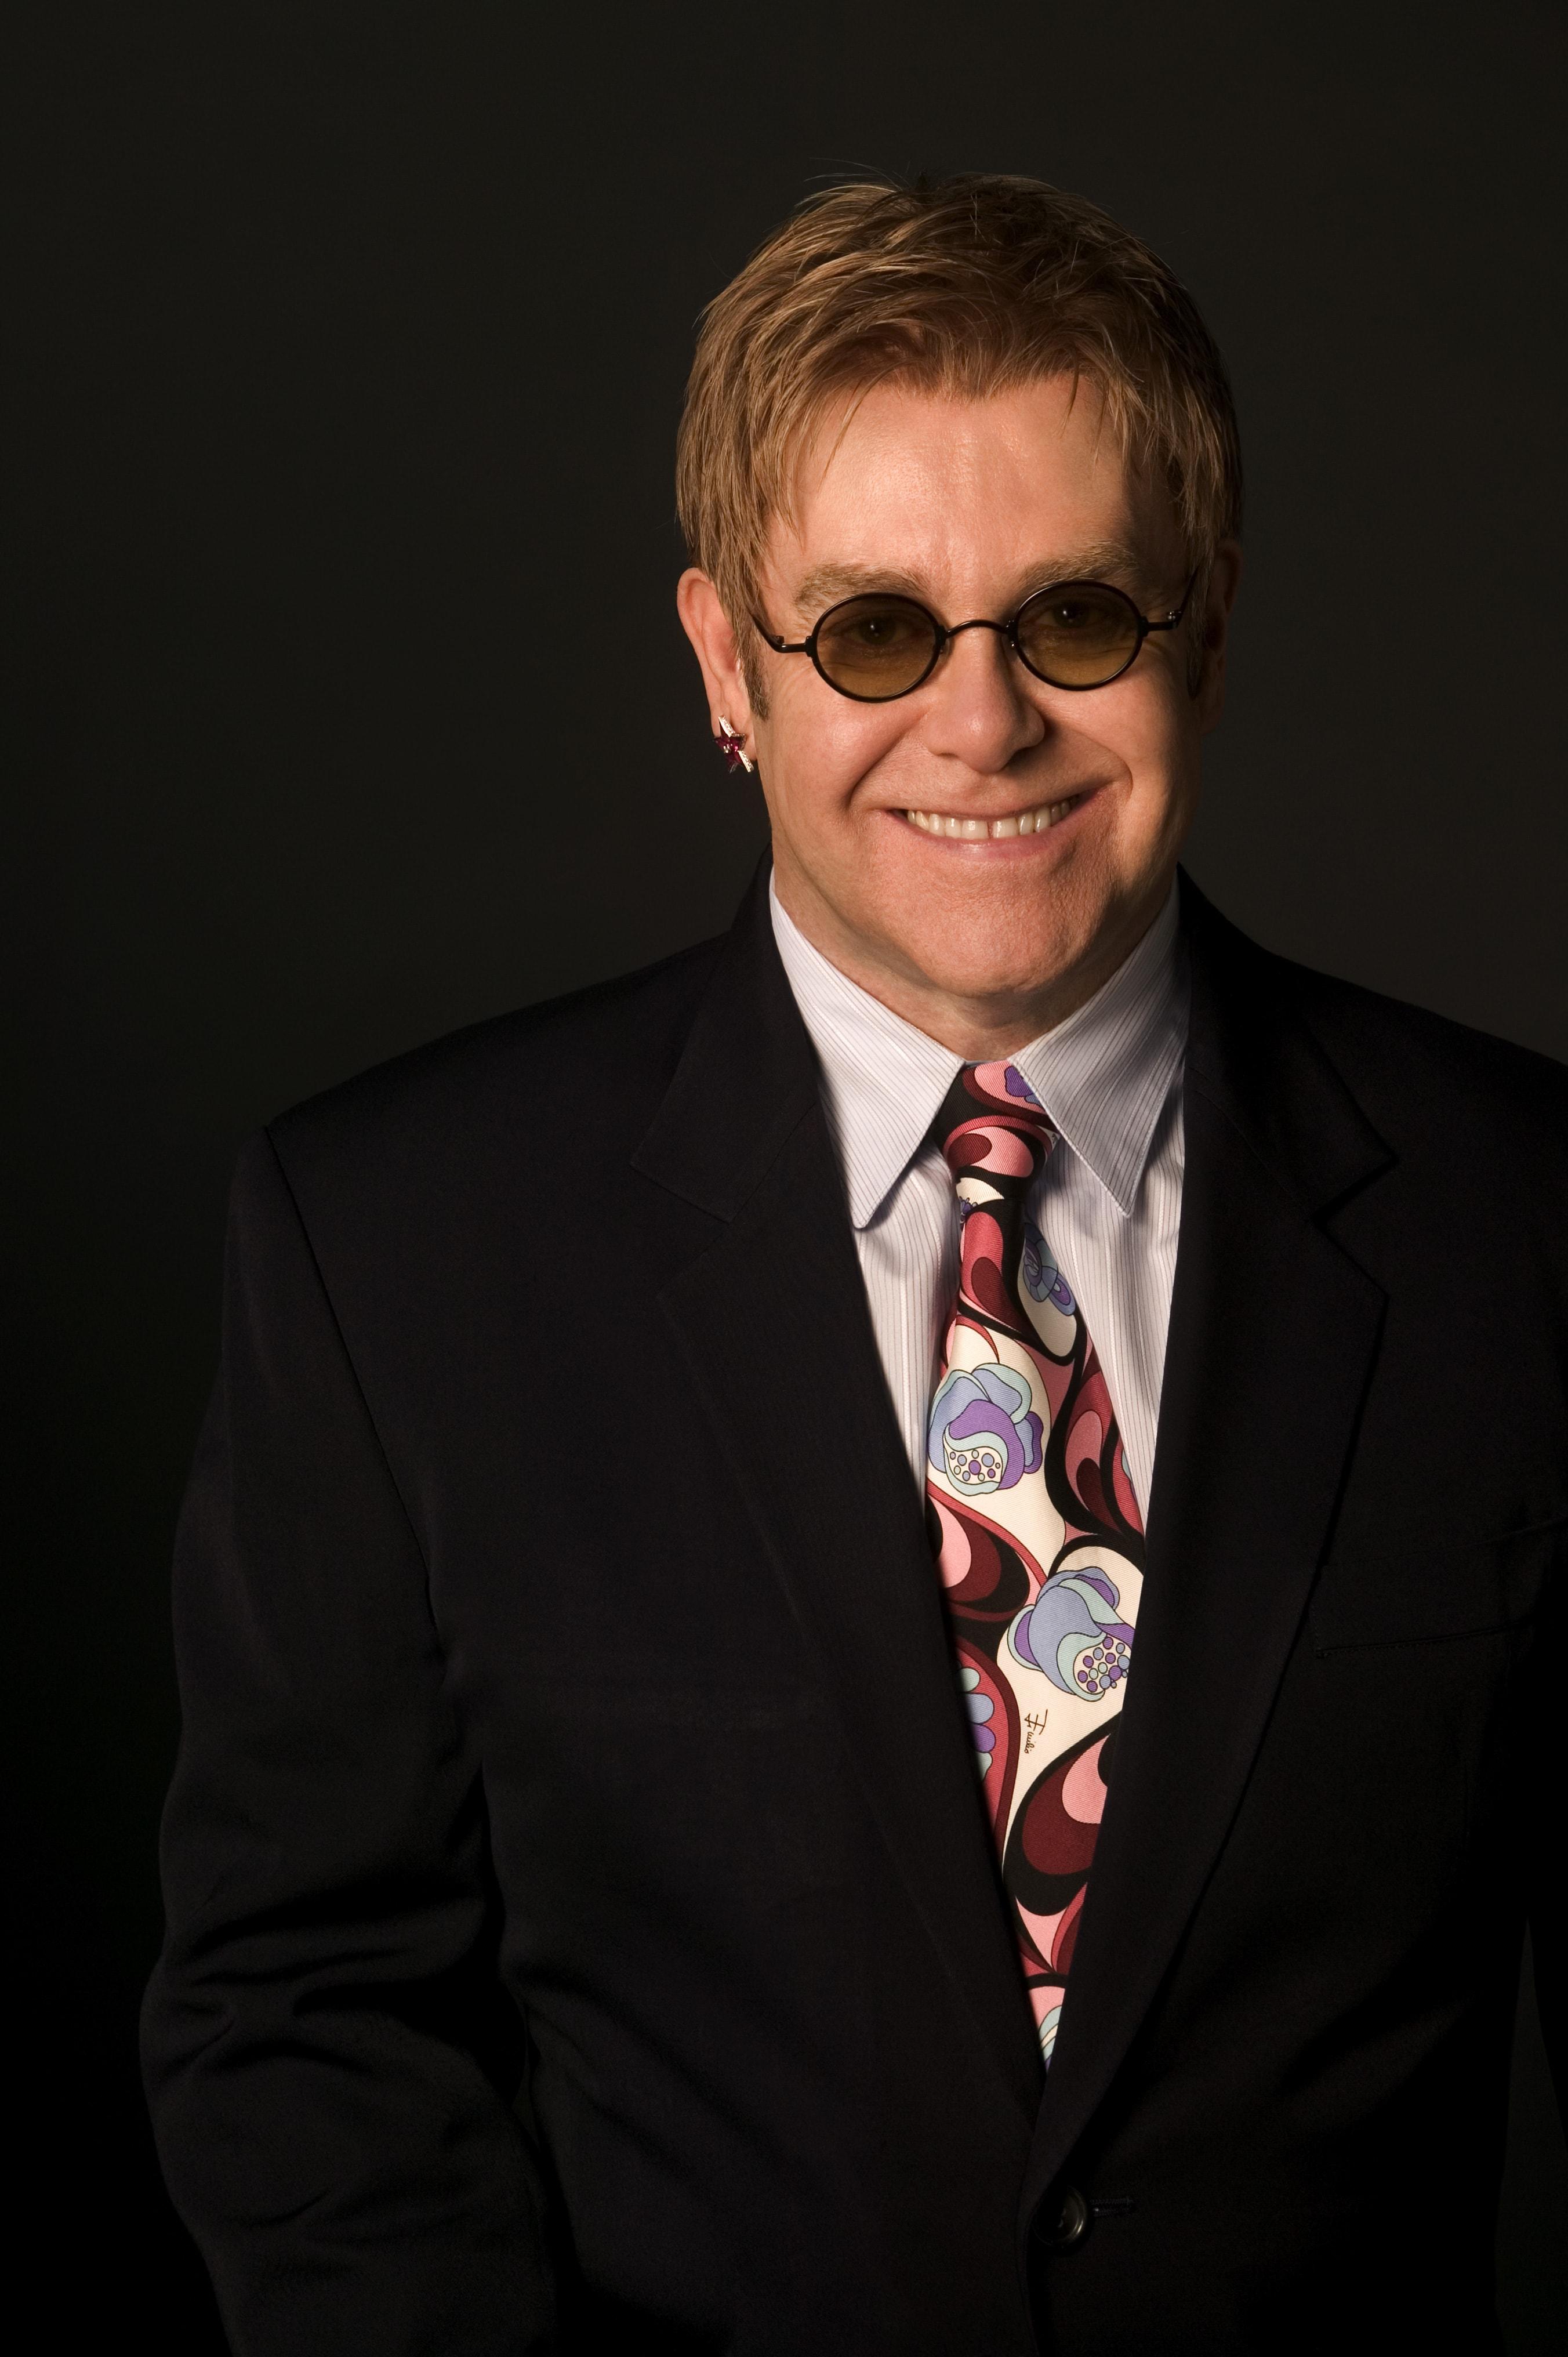 Elton John For mobile